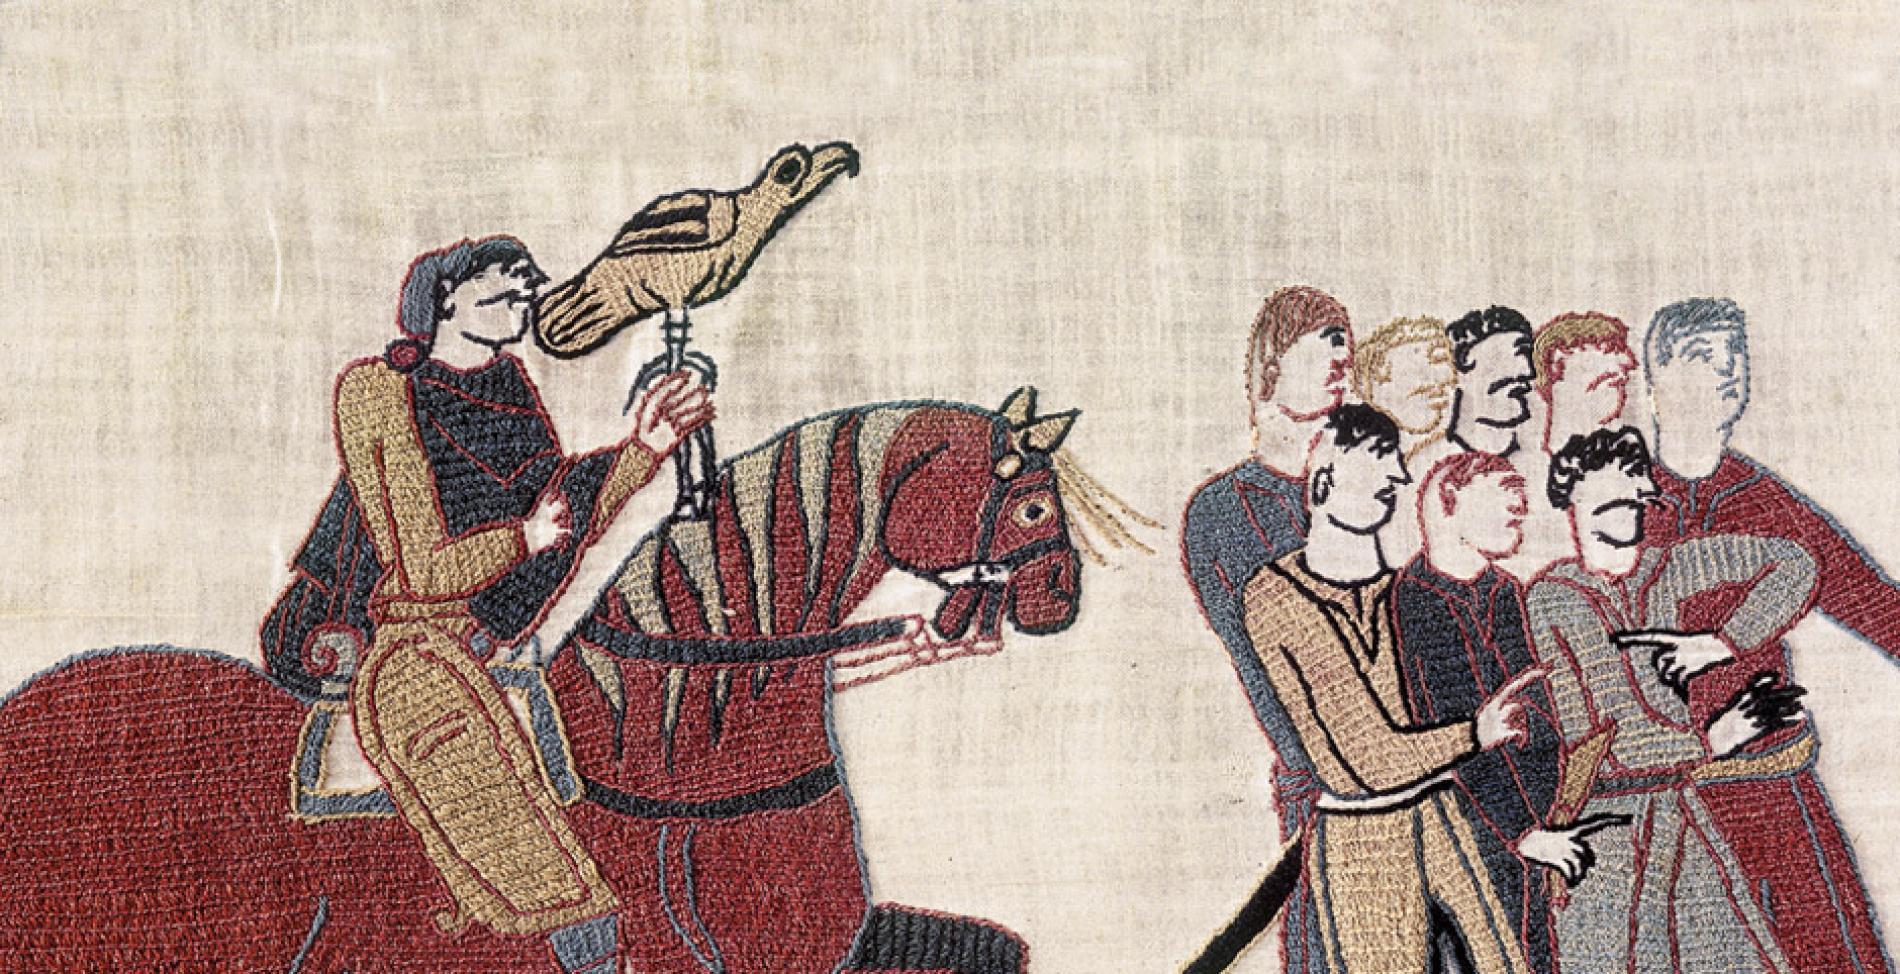 La Tapisserie de Bayeux